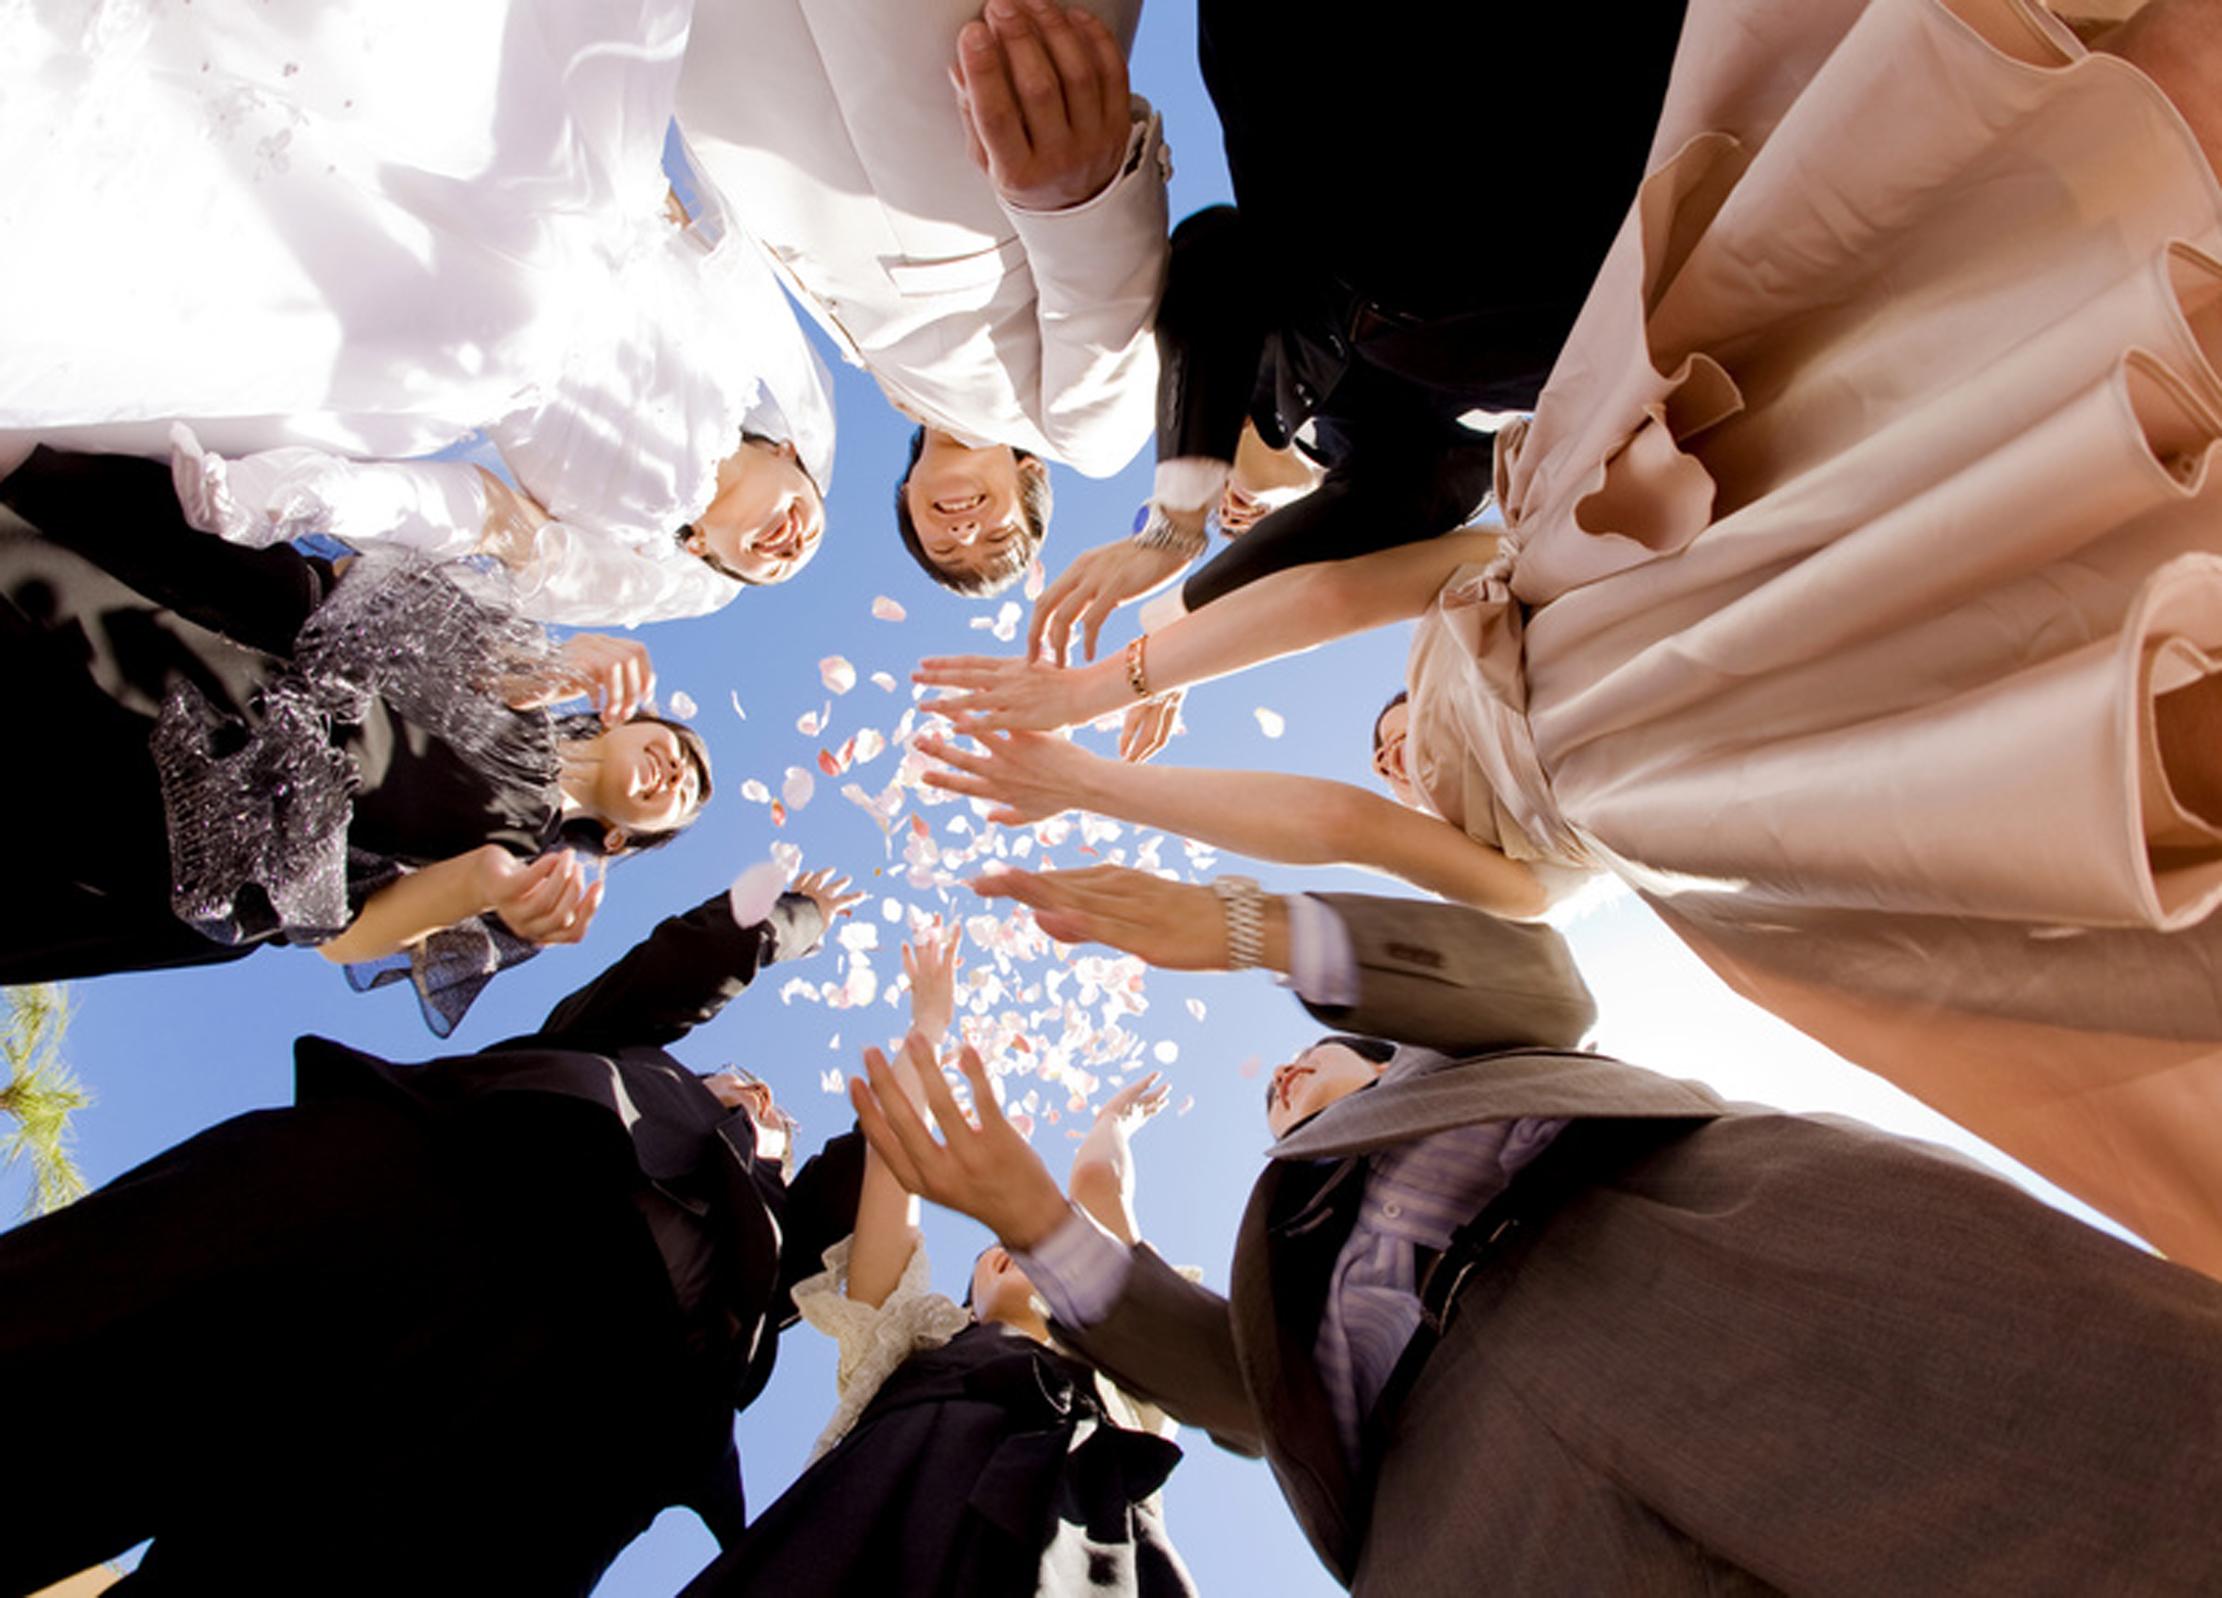 静岡市呉服町にある結婚指輪販売店の口コミから厳選!オーダーメイドも出来る話題のセレクトショップはここだ!